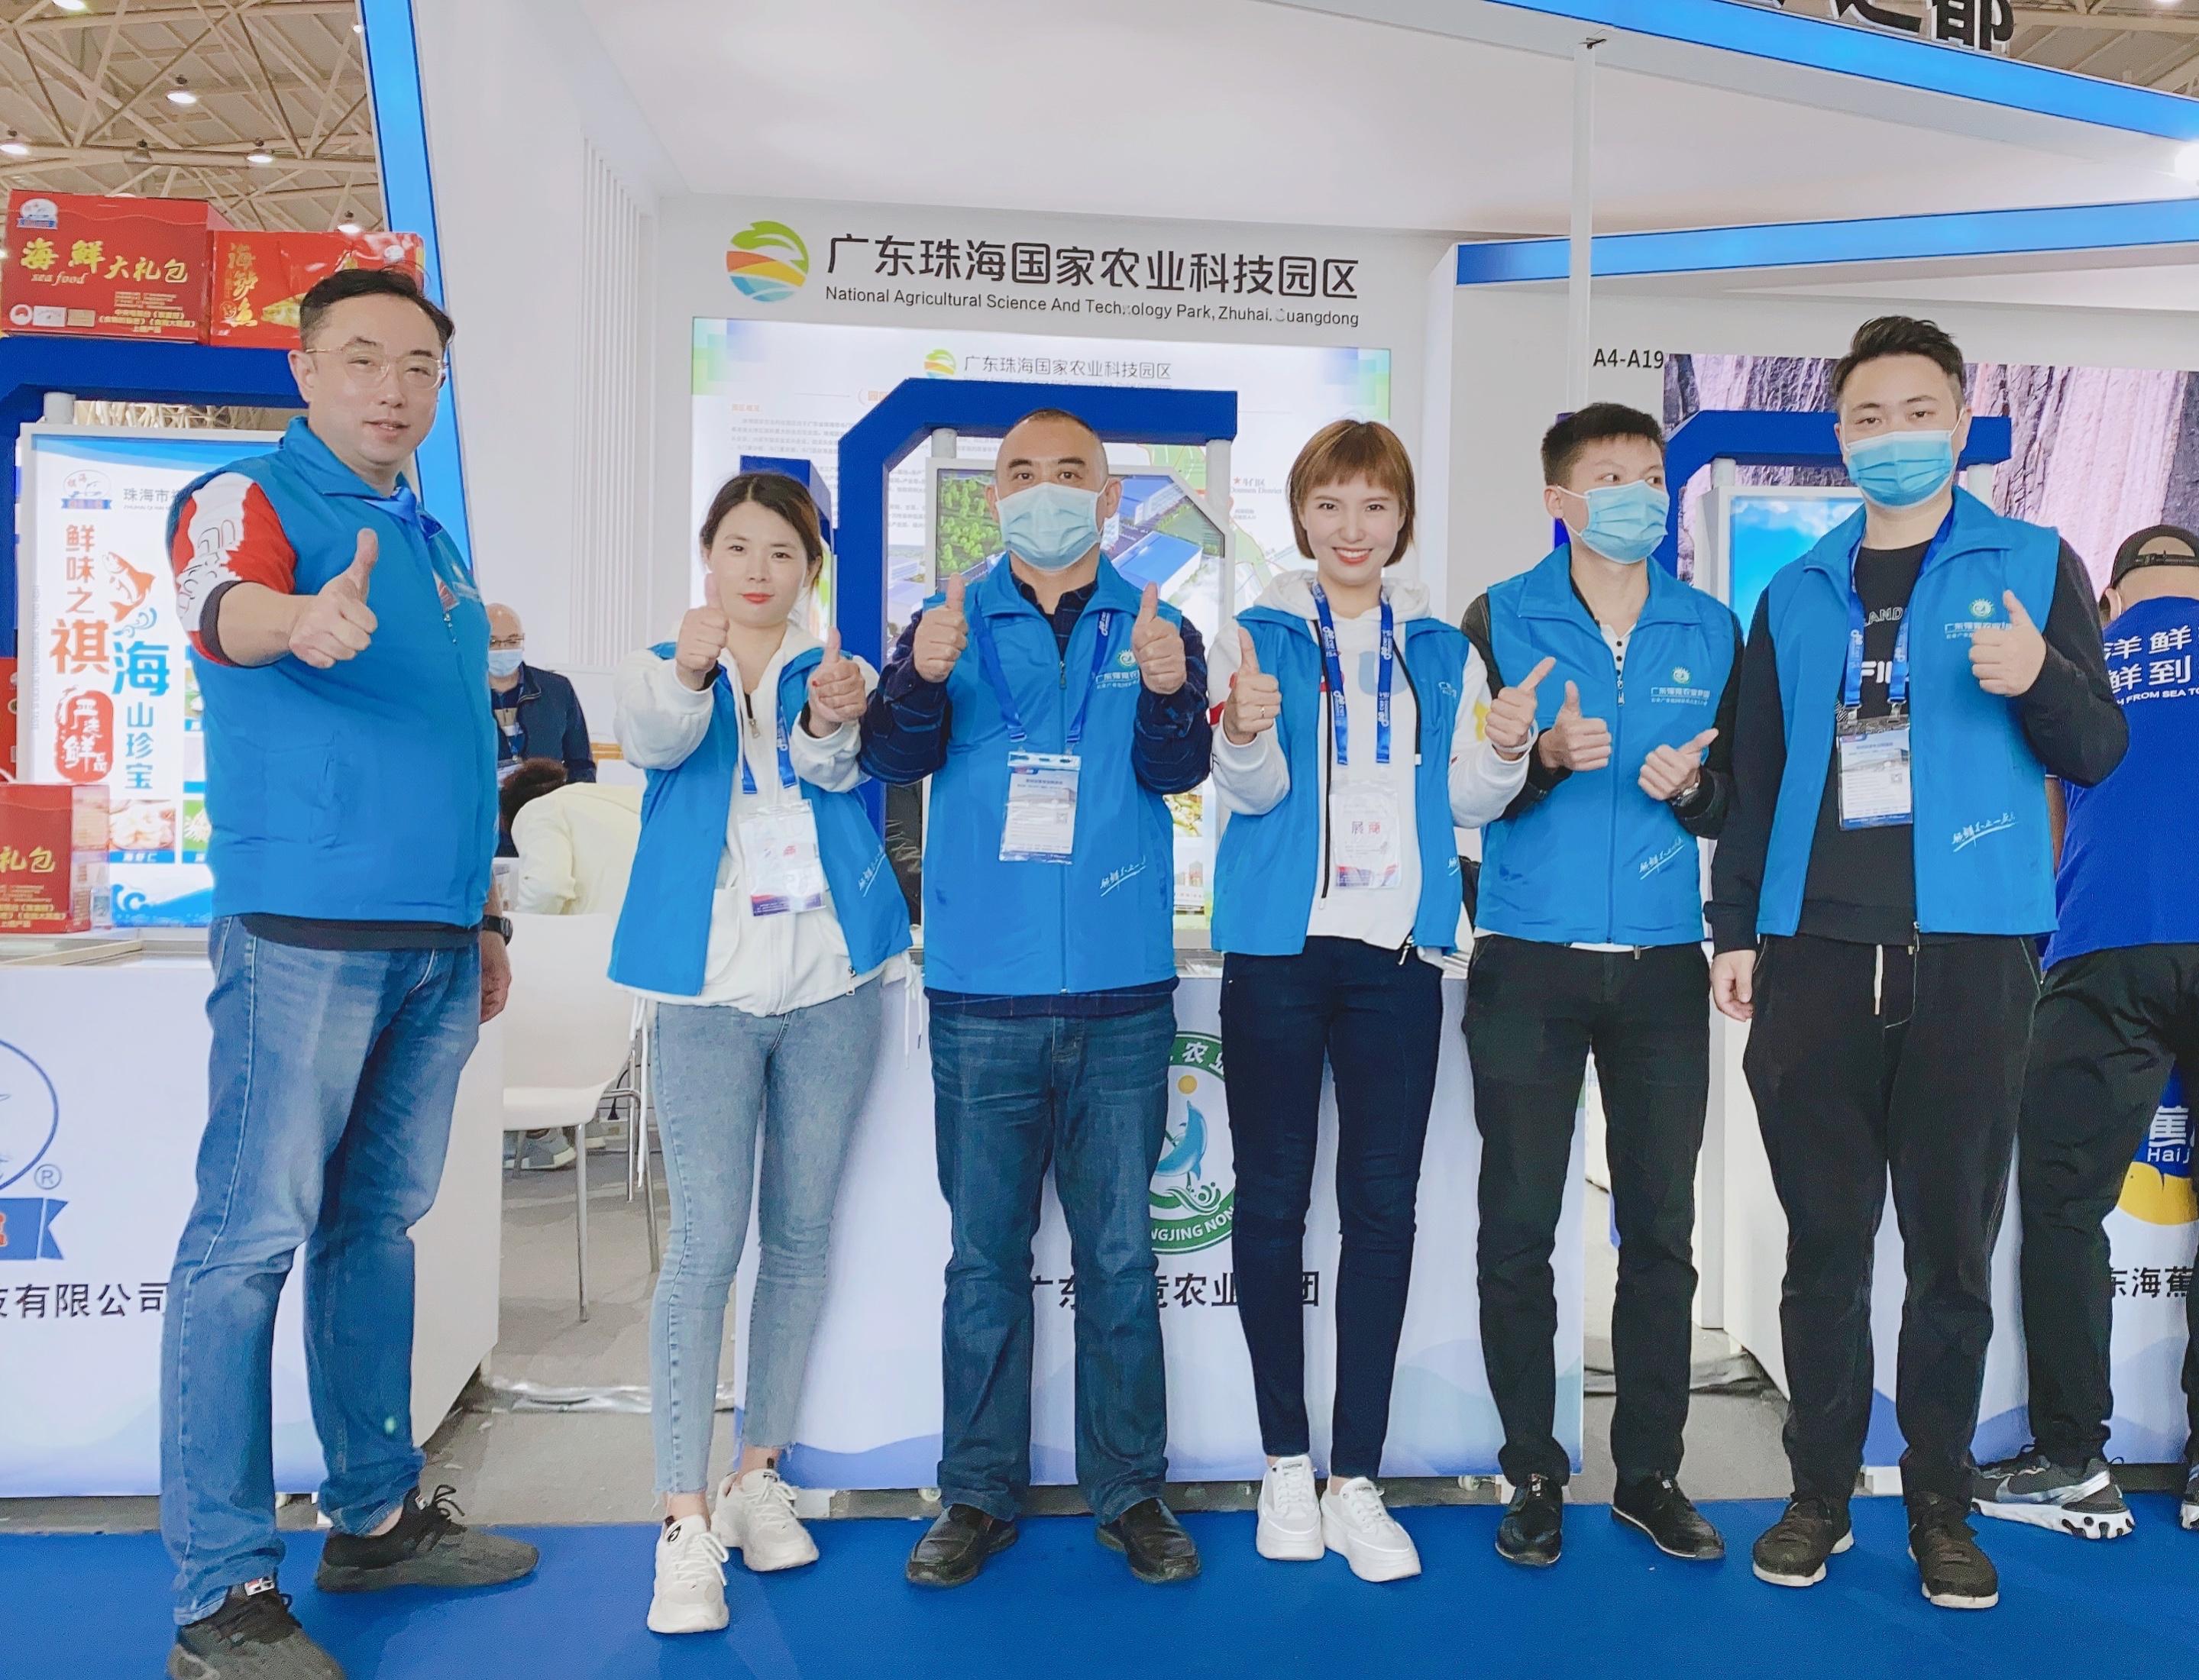 广东强竞农业集团参展良之隆 ·2021第九届中国食材电商节